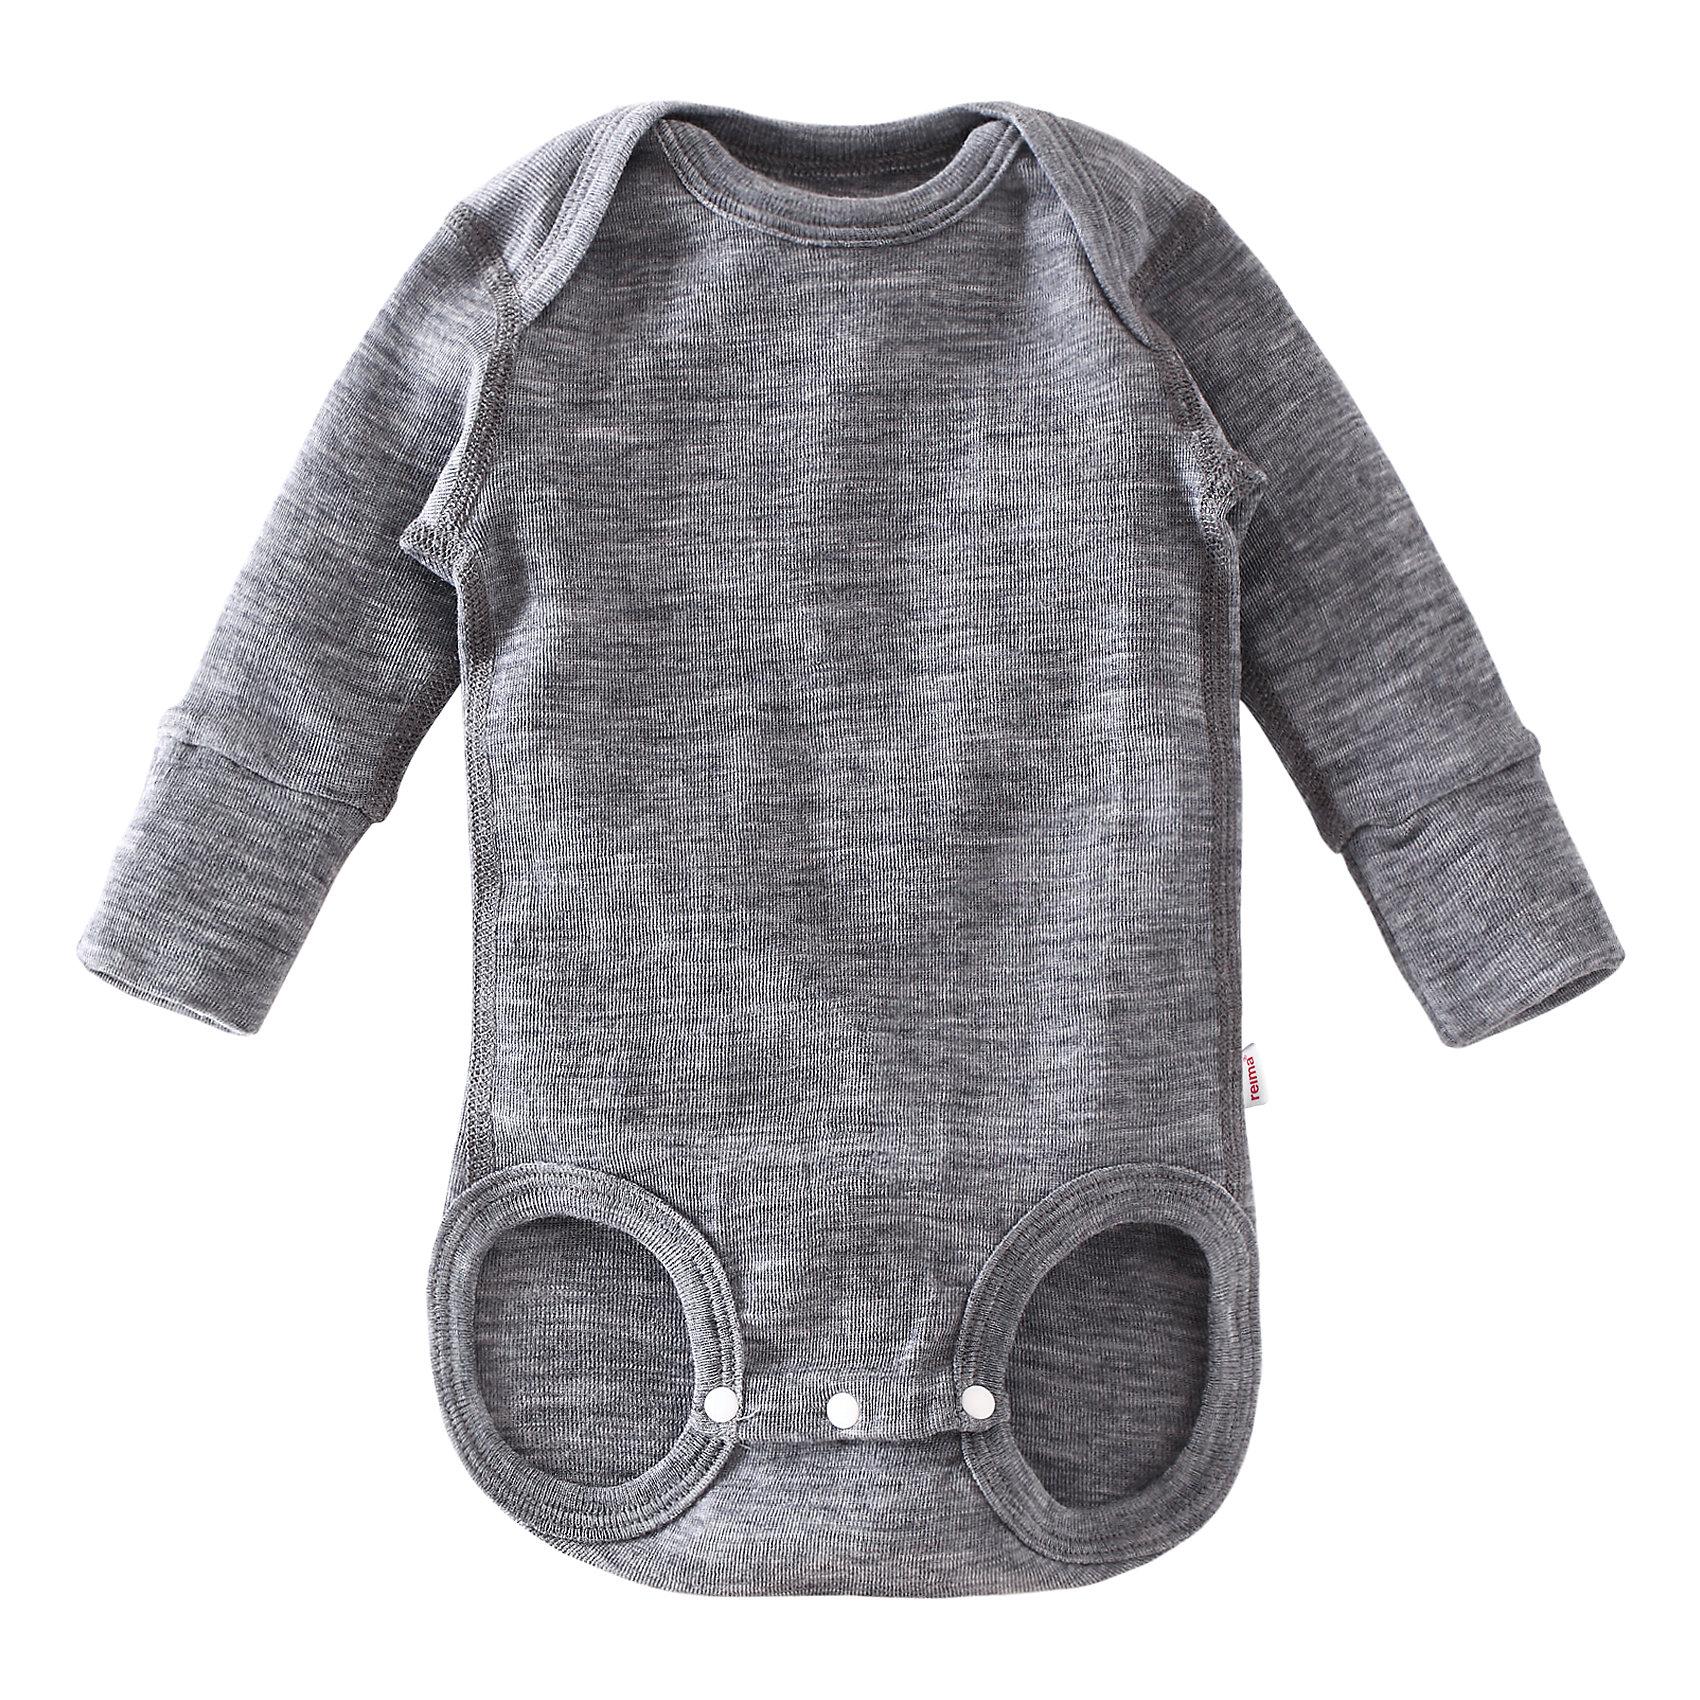 Боди Utu ReimaОдежда<br>Боди  Reima<br>Боди для самых маленьких. Эластичный удобный материал. Смесь мягкой мериносовой шерсти и Tencel® для поддержания идеальной температуры тела. Кнопки в области шагового шва, позволяющие легко переодеть ребенка. Мягкие плоские швы для дополнительного комфорта: не раздражает кожу. Рукава с подгибом в размерах от 50 до 62 см. Удлиненные вязаные резинки на манжетах. <br>Уход:<br>Стирать с бельем одинакового цвета, вывернув наизнанку. Придать первоначальную форму вo влажном виде. Стирать моющим средством, не содержащим отбеливающие вещества. Сушить при низкой температуре. <br>Состав:<br>72% Шерсть, 28% лиоцелл<br><br>Ширина мм: 157<br>Глубина мм: 13<br>Высота мм: 119<br>Вес г: 200<br>Цвет: серый<br>Возраст от месяцев: 3<br>Возраст до месяцев: 6<br>Пол: Унисекс<br>Возраст: Детский<br>Размер: 68,80,62,56,50,74<br>SKU: 4775510